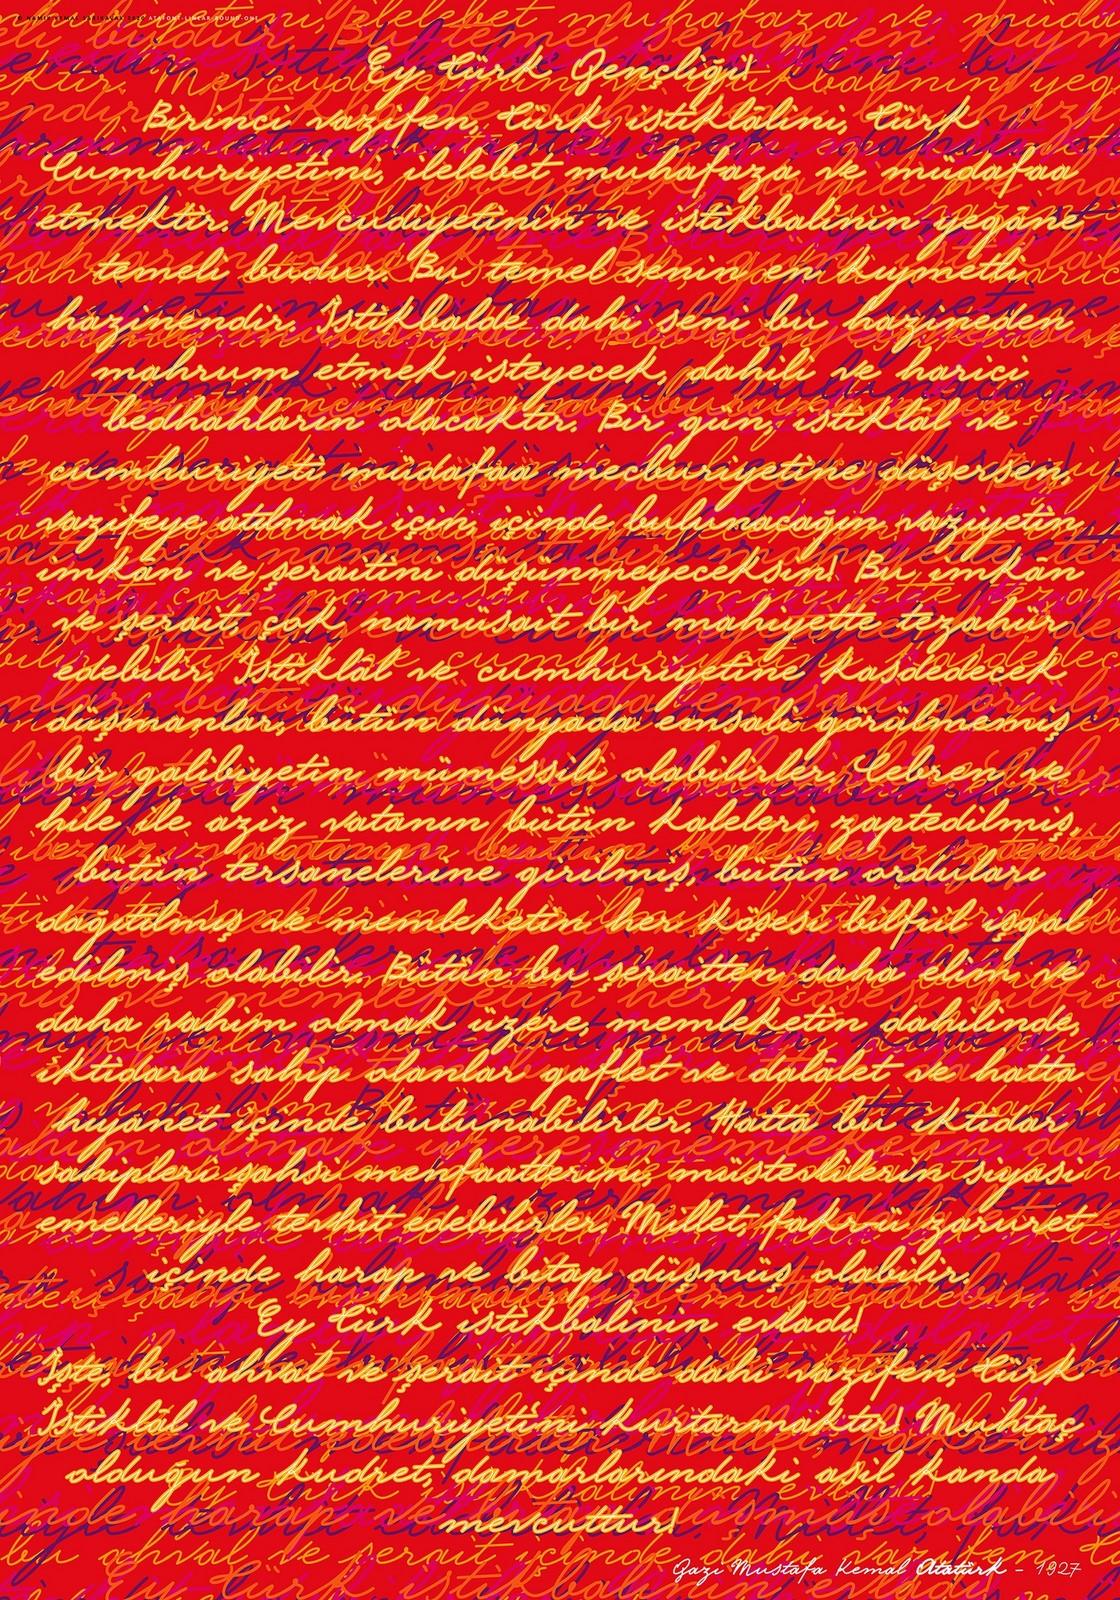 <p>'Ulusal Ruh', Bilgisayarda Vektörel Tasarım, 70 x 100 cm, Dijital Font: AtaFont-Çizgisel-YuvarlakUç-Bir.<br /><em>'National Spirit', Computer Vector Design, 70 x 100 cm, Digital Font: AtaFont-Linear-Round-End-One.</em></p>